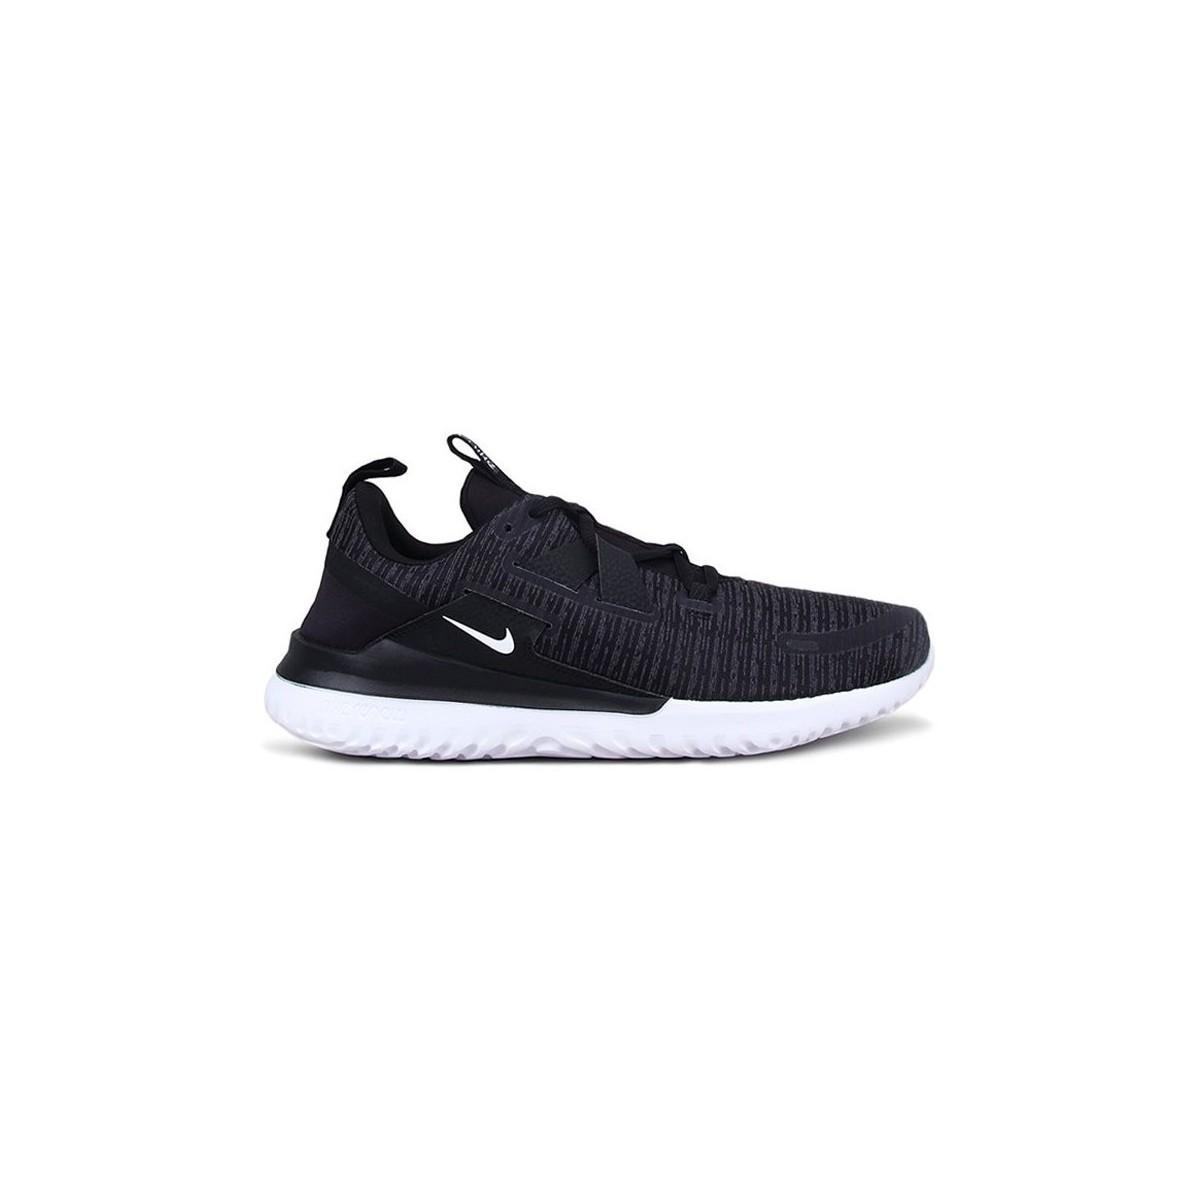 on sale 6a360 13282 RENEW ARENA femmes Chaussures en Noir Nike en coloris Noir - Lyst